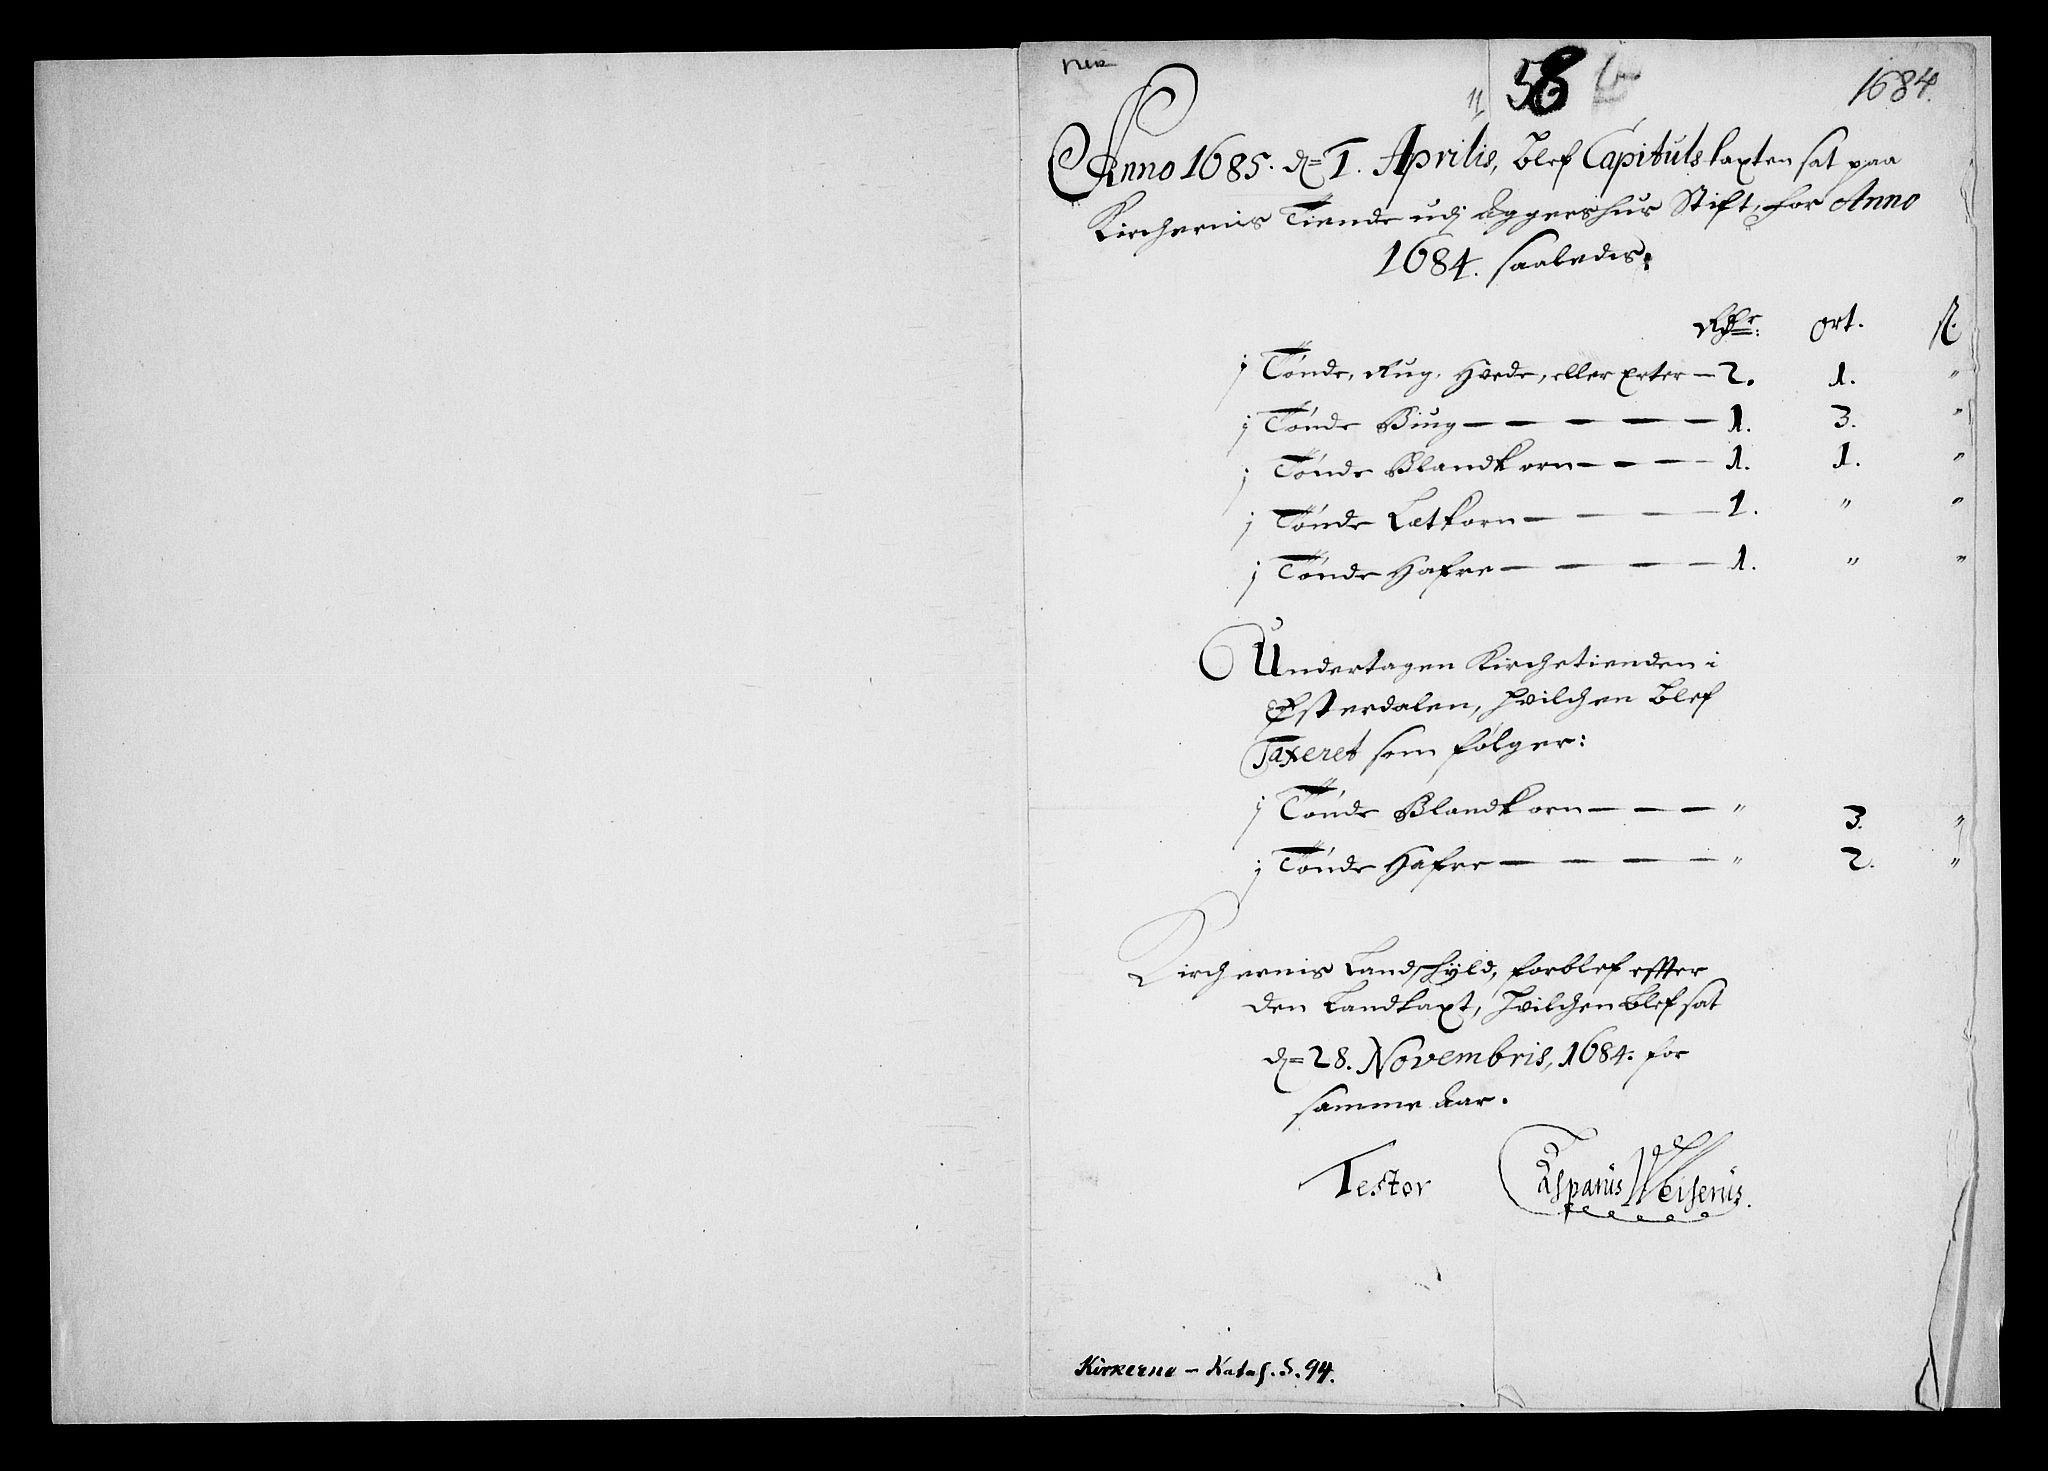 RA, Danske Kanselli, Skapsaker, G/L0019: Tillegg til skapsakene, 1616-1753, p. 241